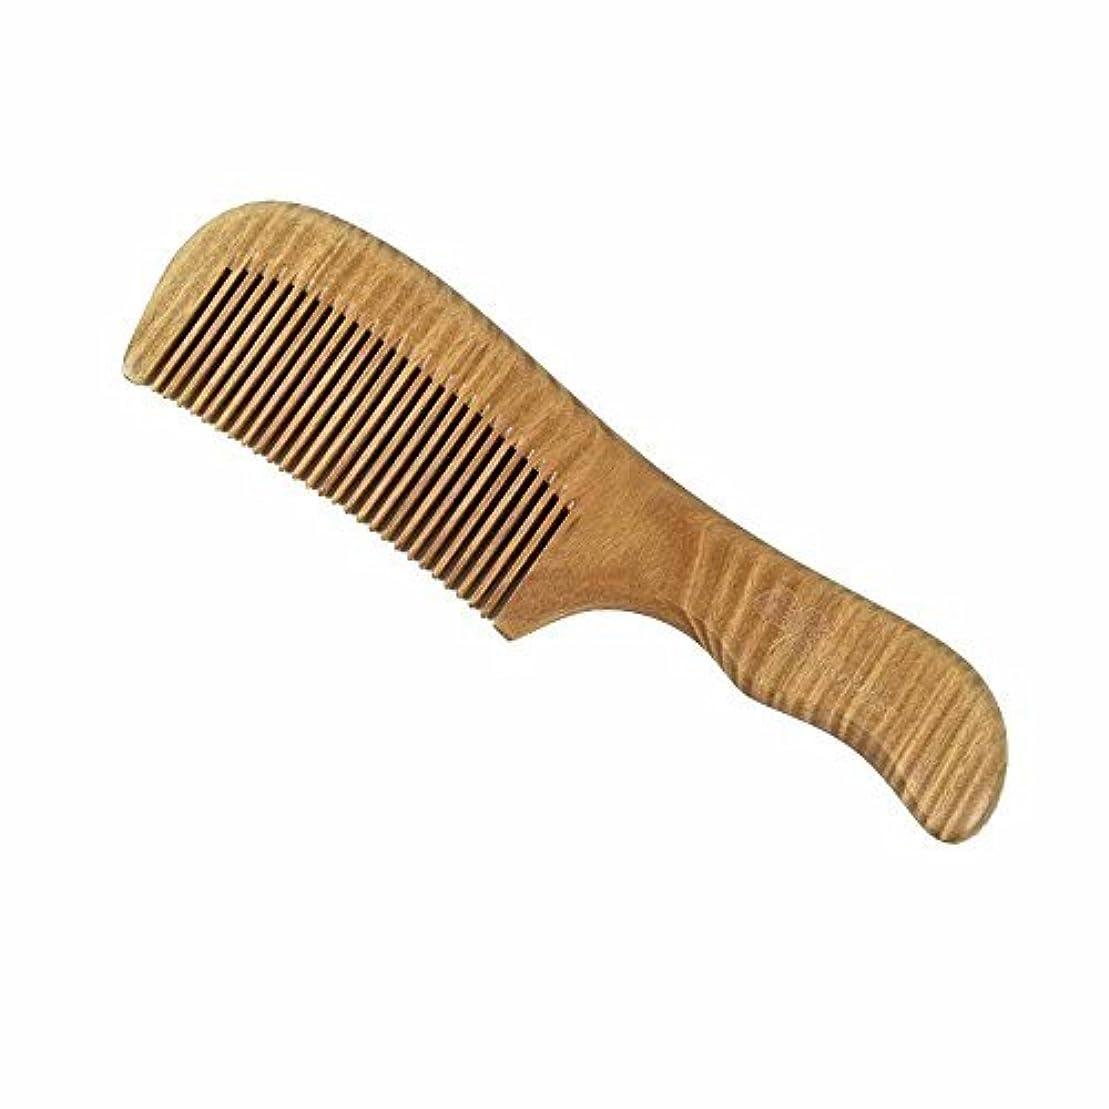 デコラティブ現れるドラッグWooden Hair Brush, by GoWoo, Fine Tooth, Detangling, Natural and Handmade, for Men and Women, From Earth to Earth...